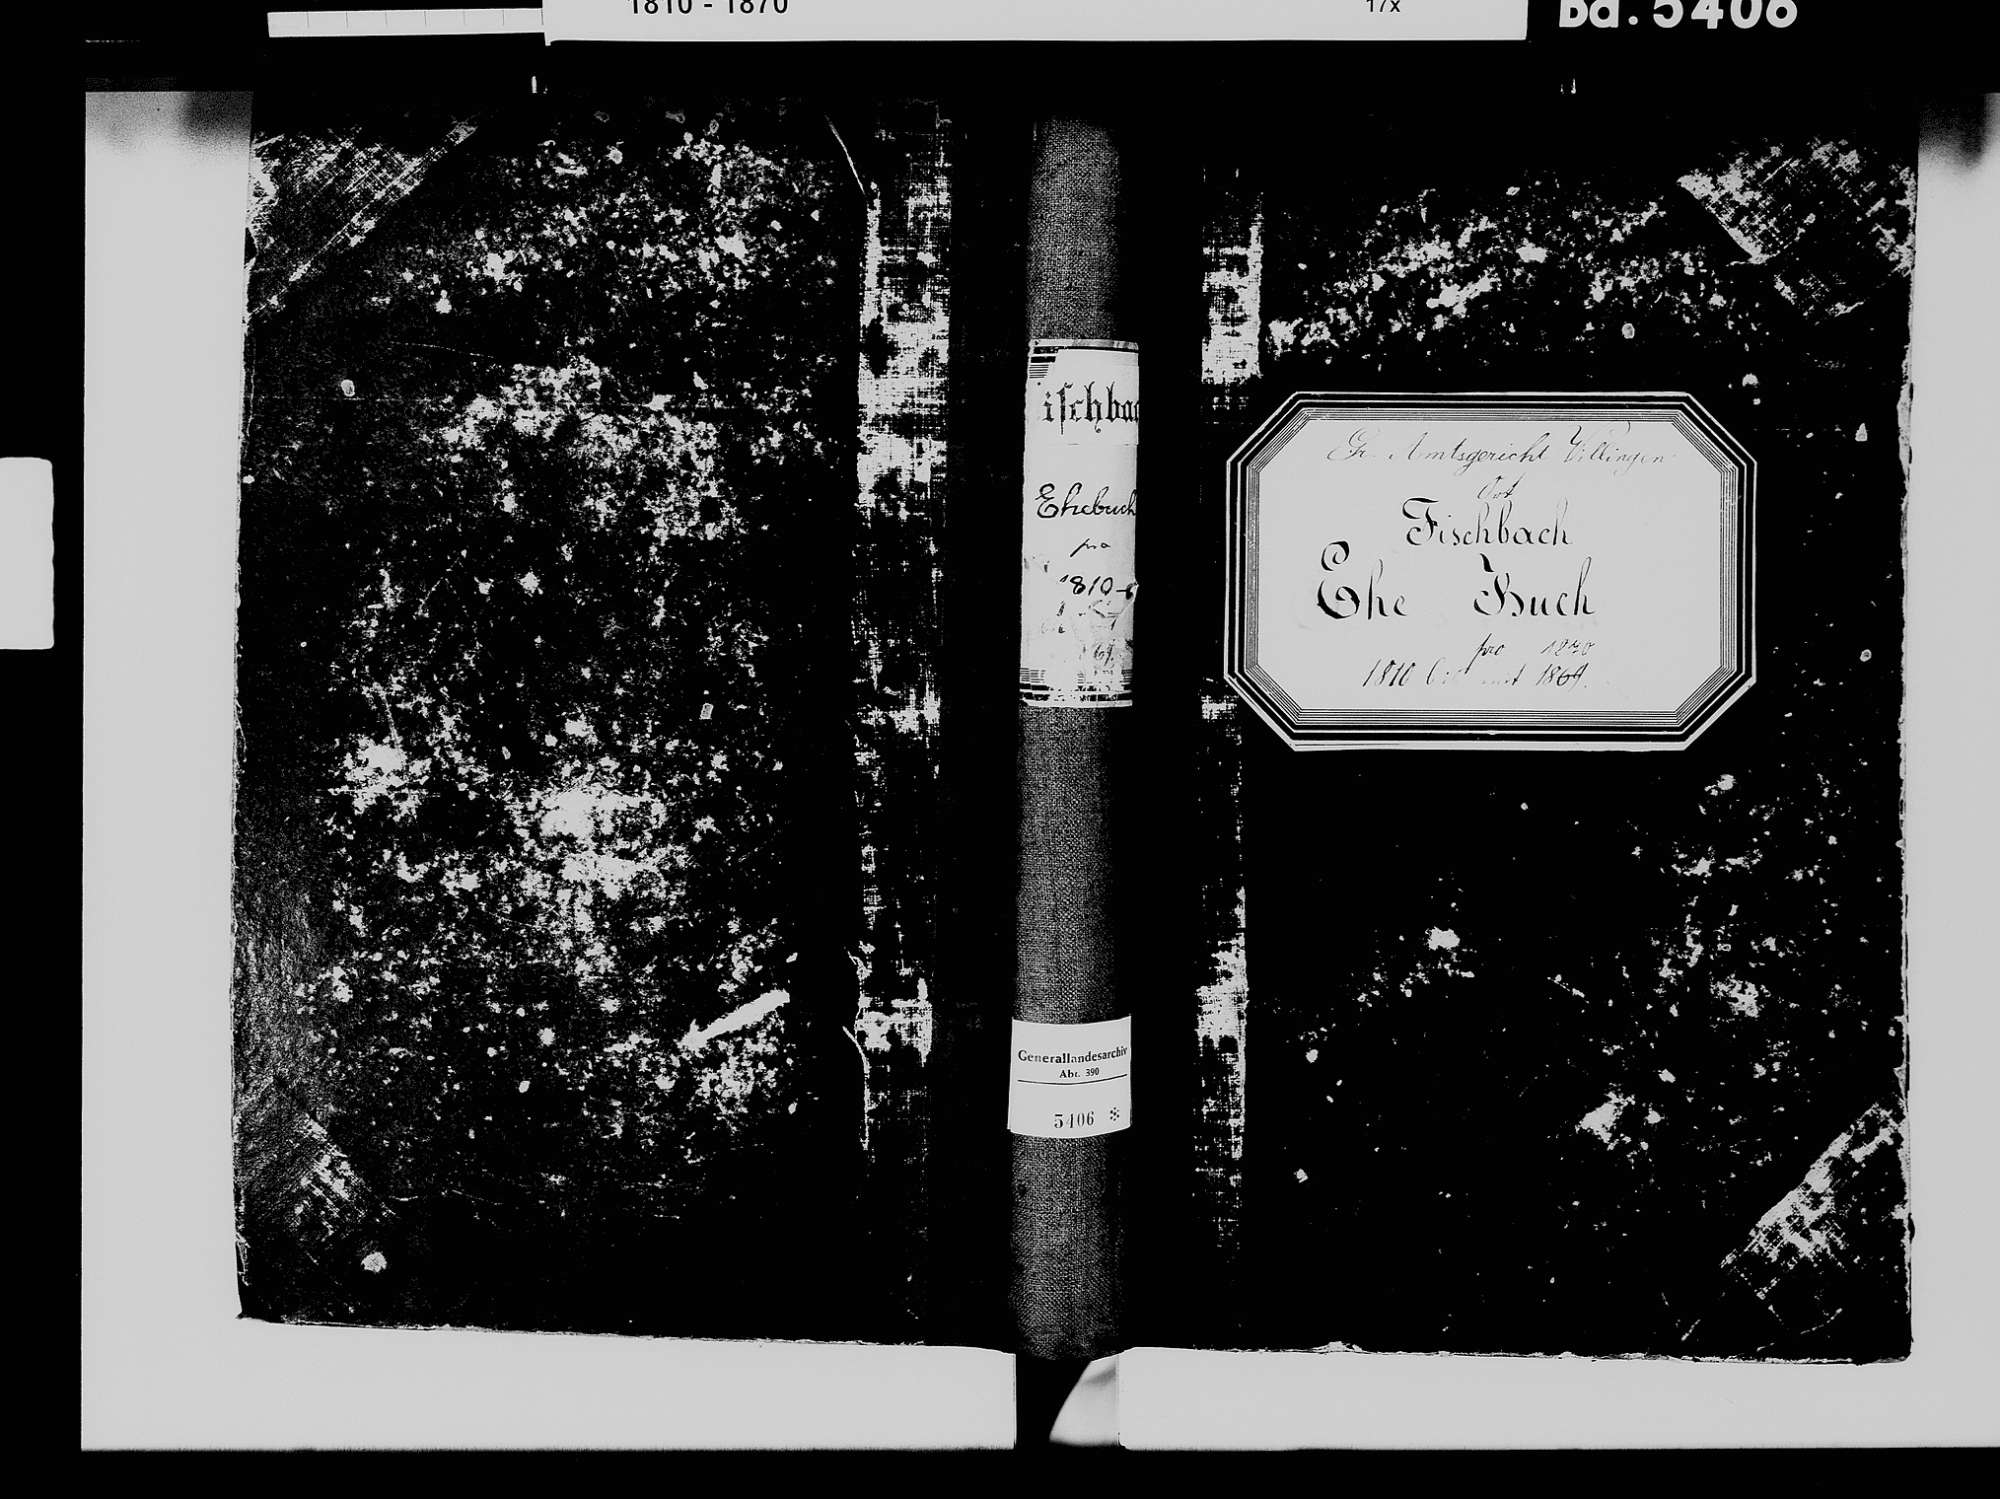 Fischbach, Niedereschach VS; Katholische Gemeinde: Heiratsbuch 1811-1870 Fischbach, Niedereschach VS; Katholische Gemeinde: Sterbebuch 1815-1816, 1846, 1851, Bild 2